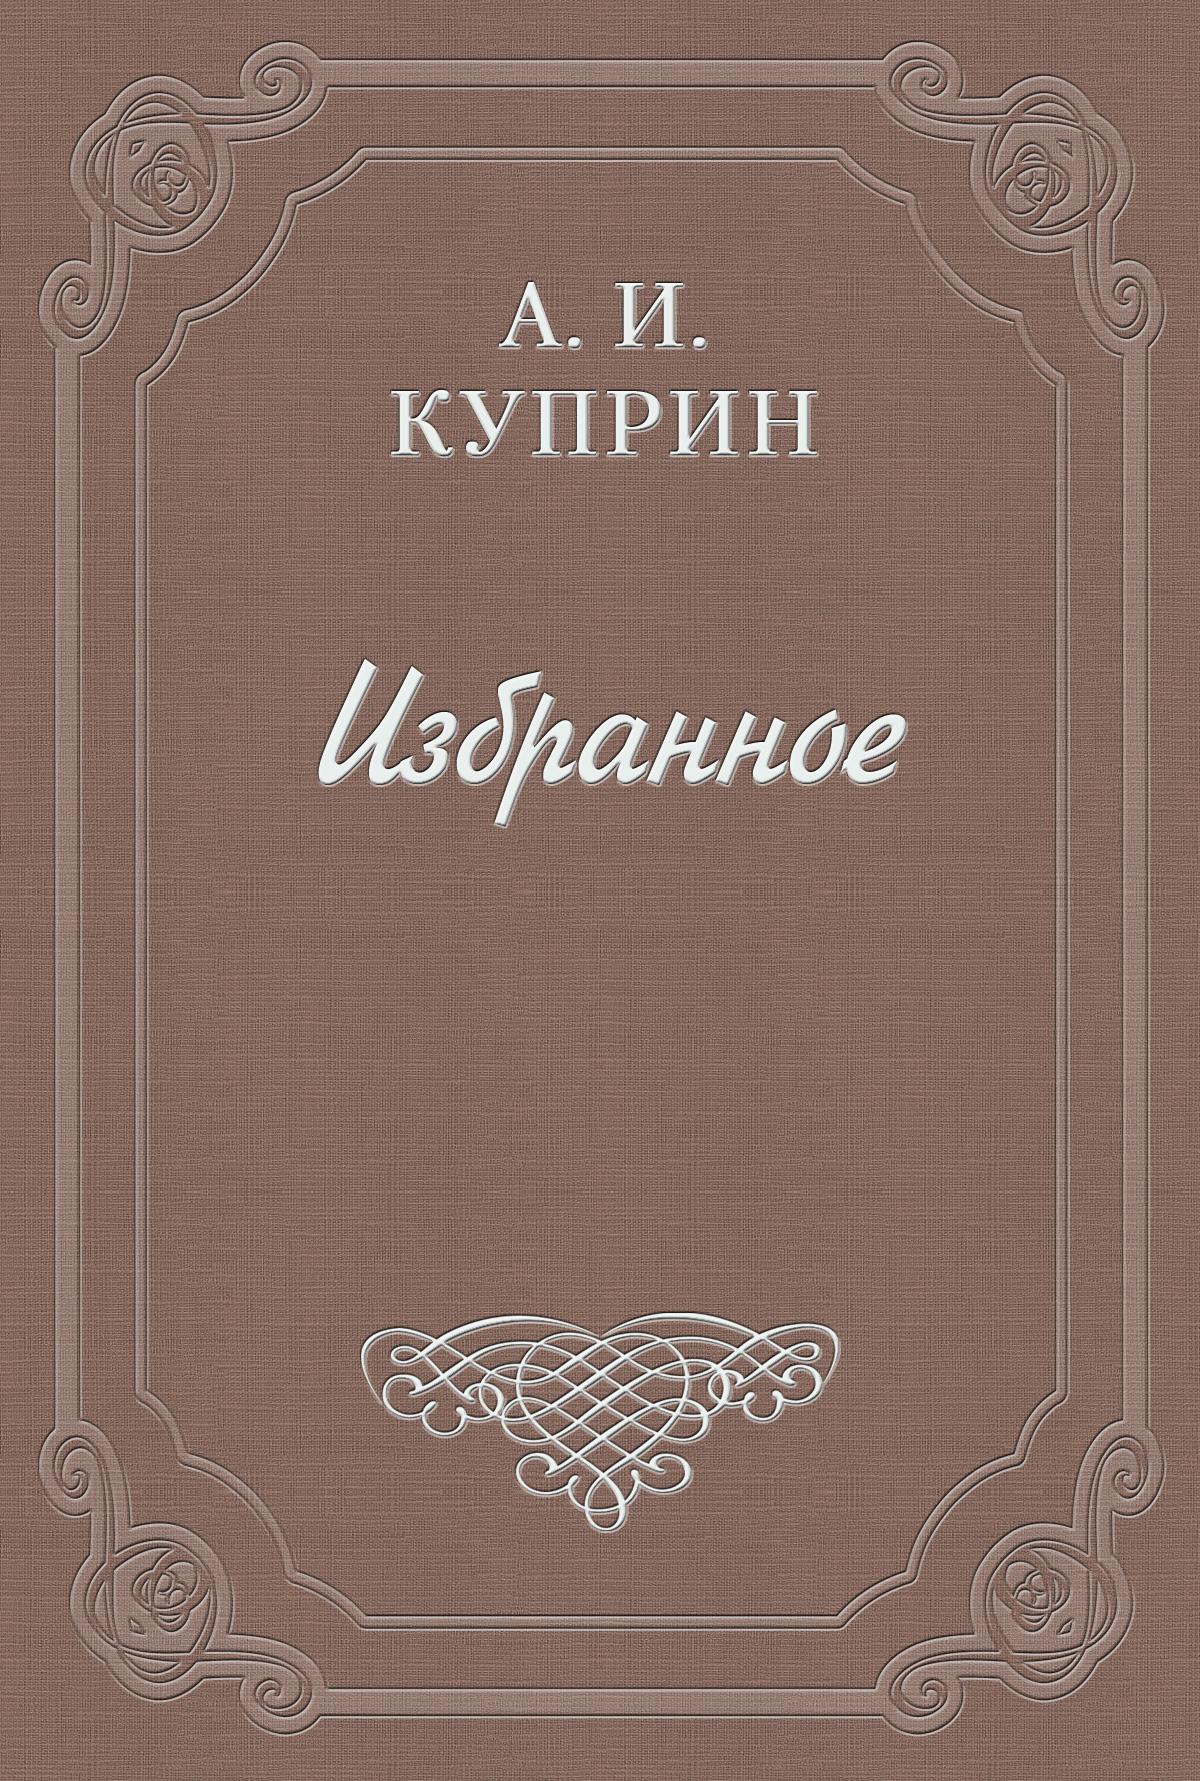 О Саше Черном